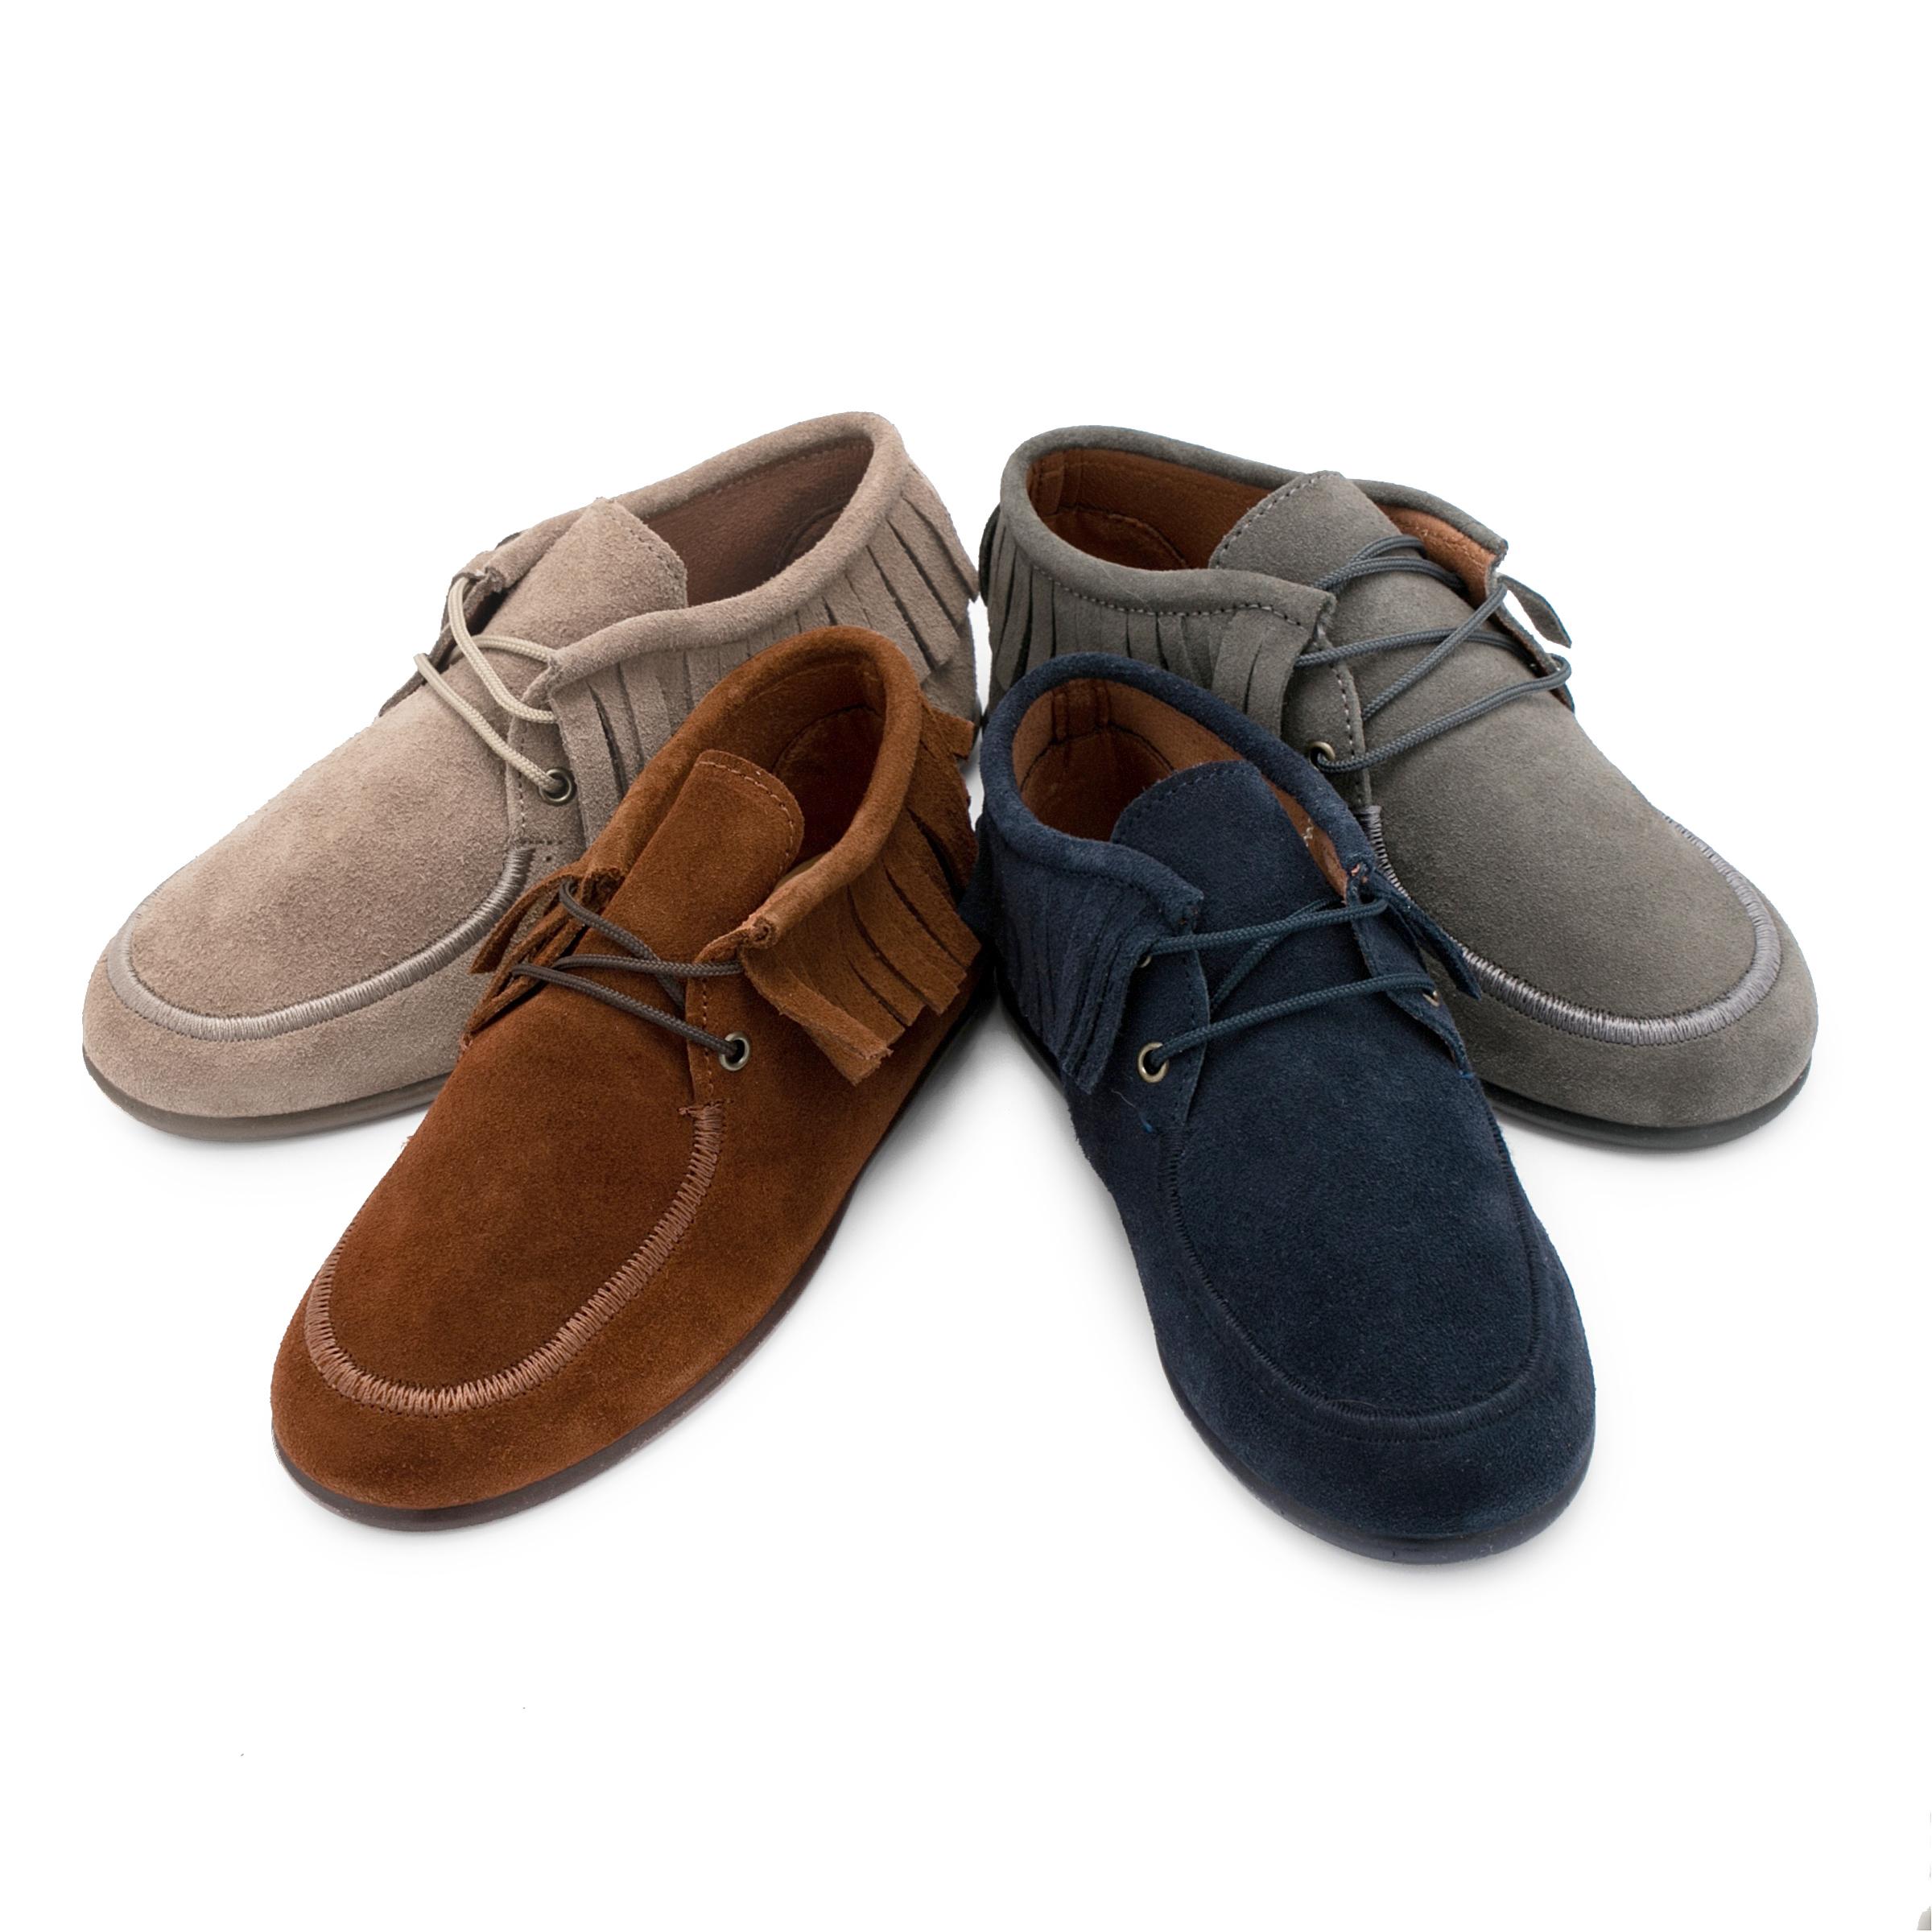 6094b7e88e35e Calzado y Zapatos para Niños